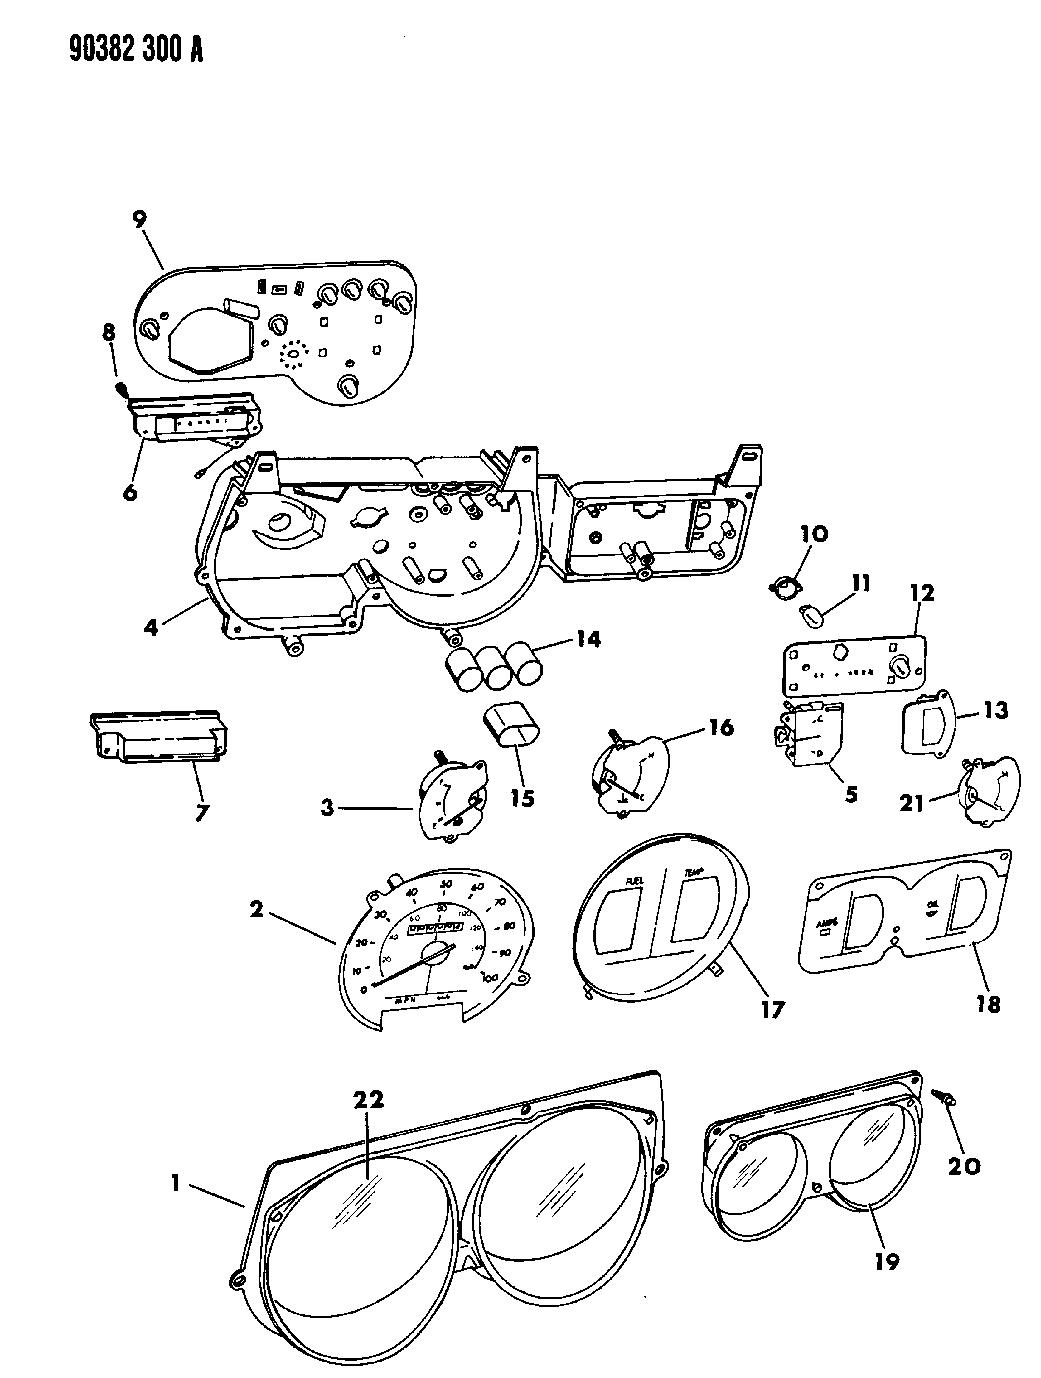 1991 dodge ram van instrument panel cluster